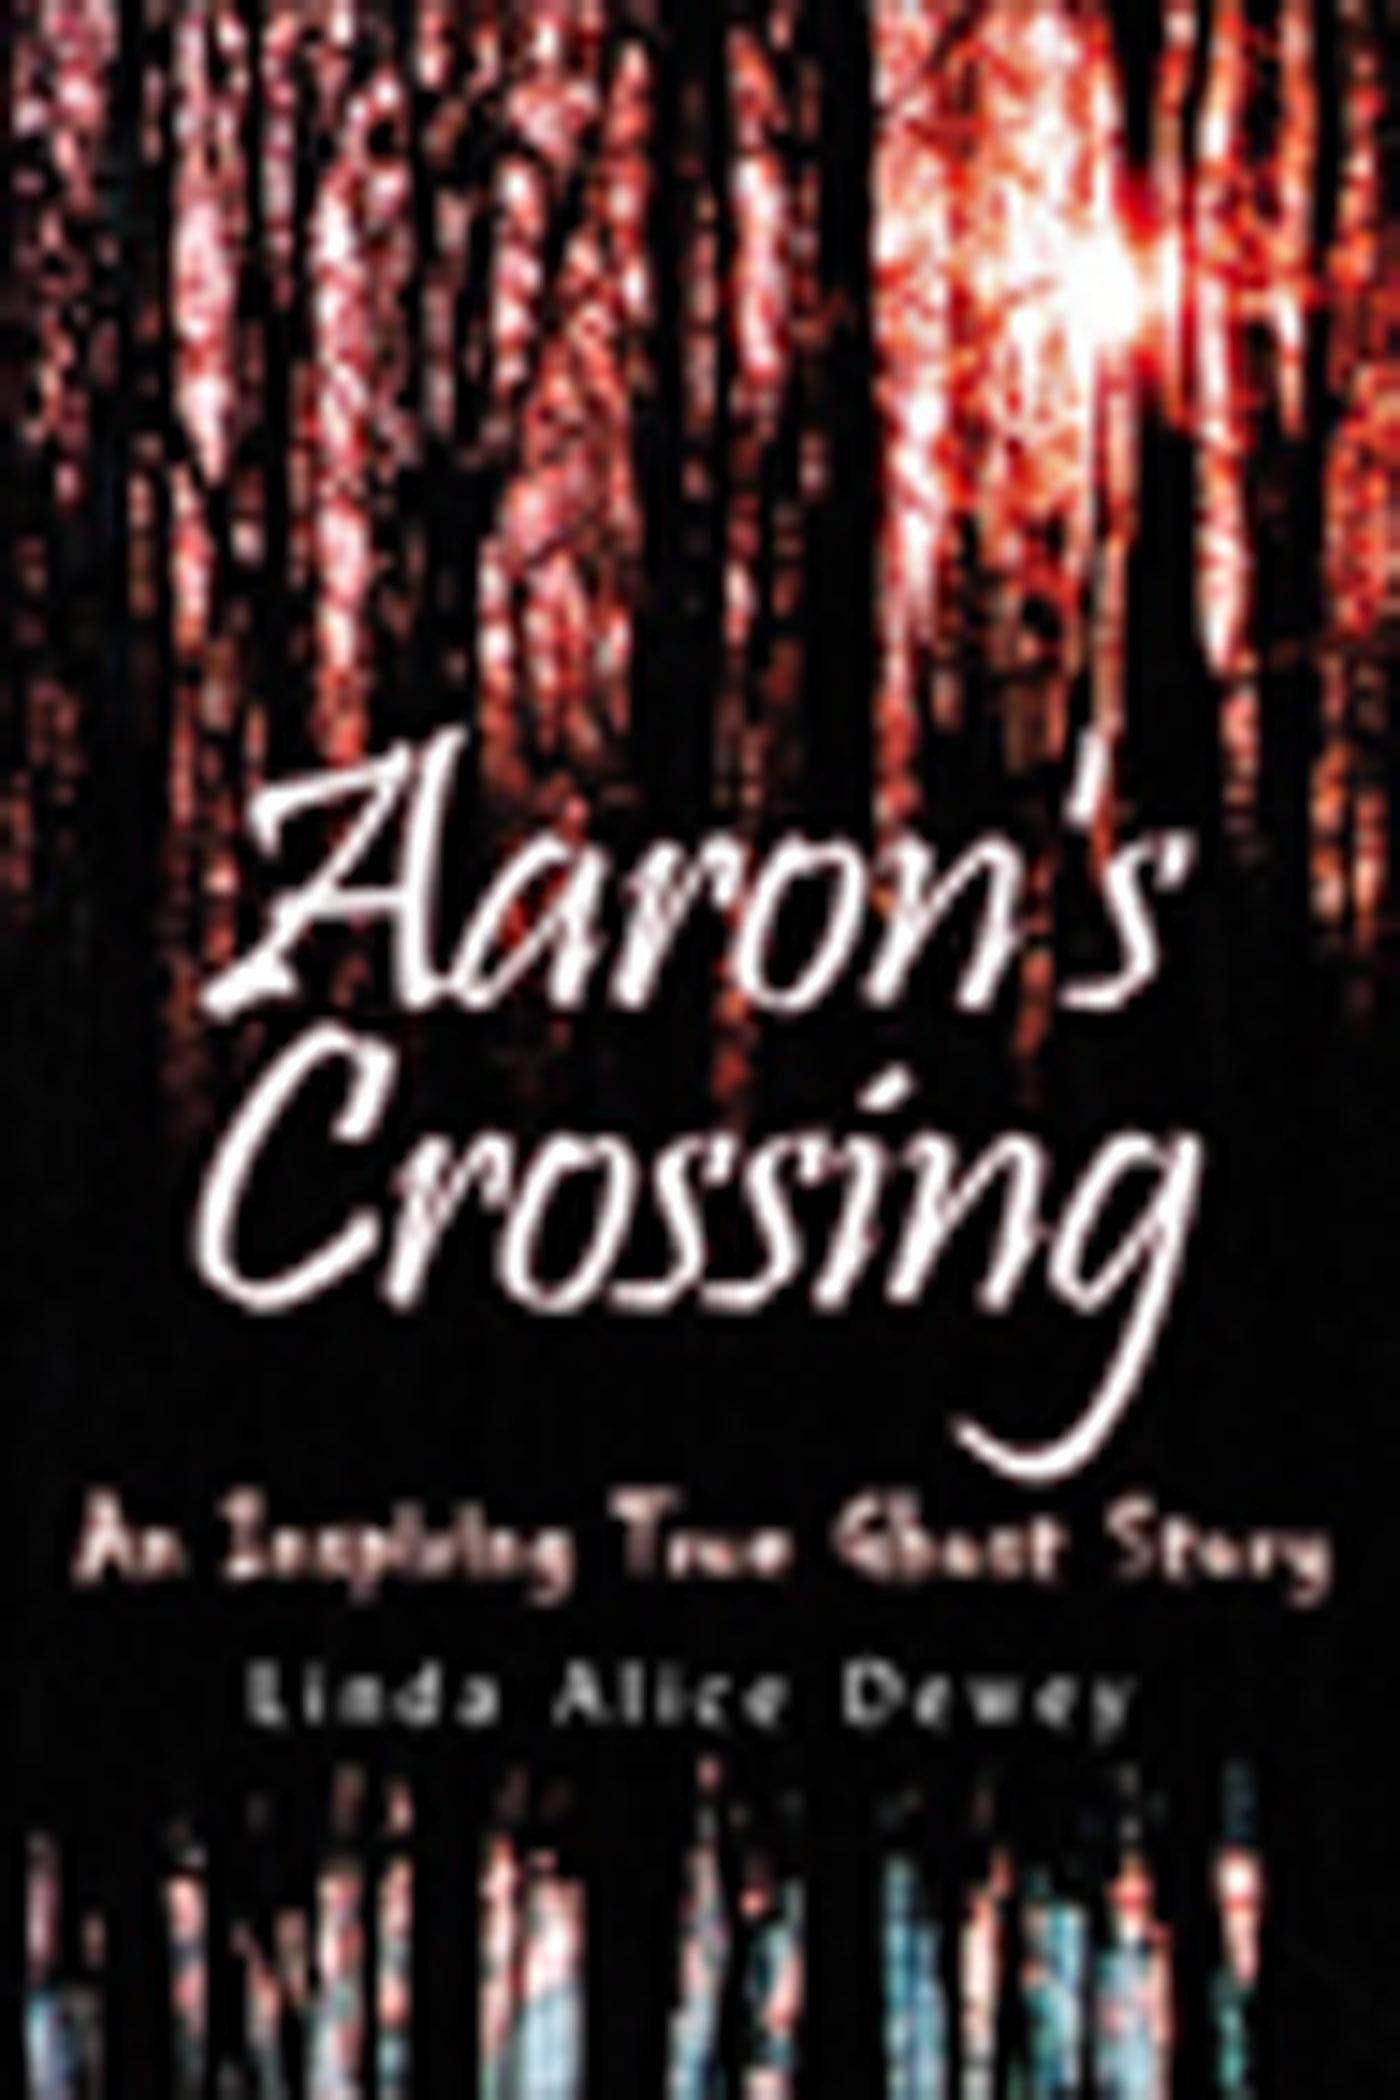 Aaron's Crossing